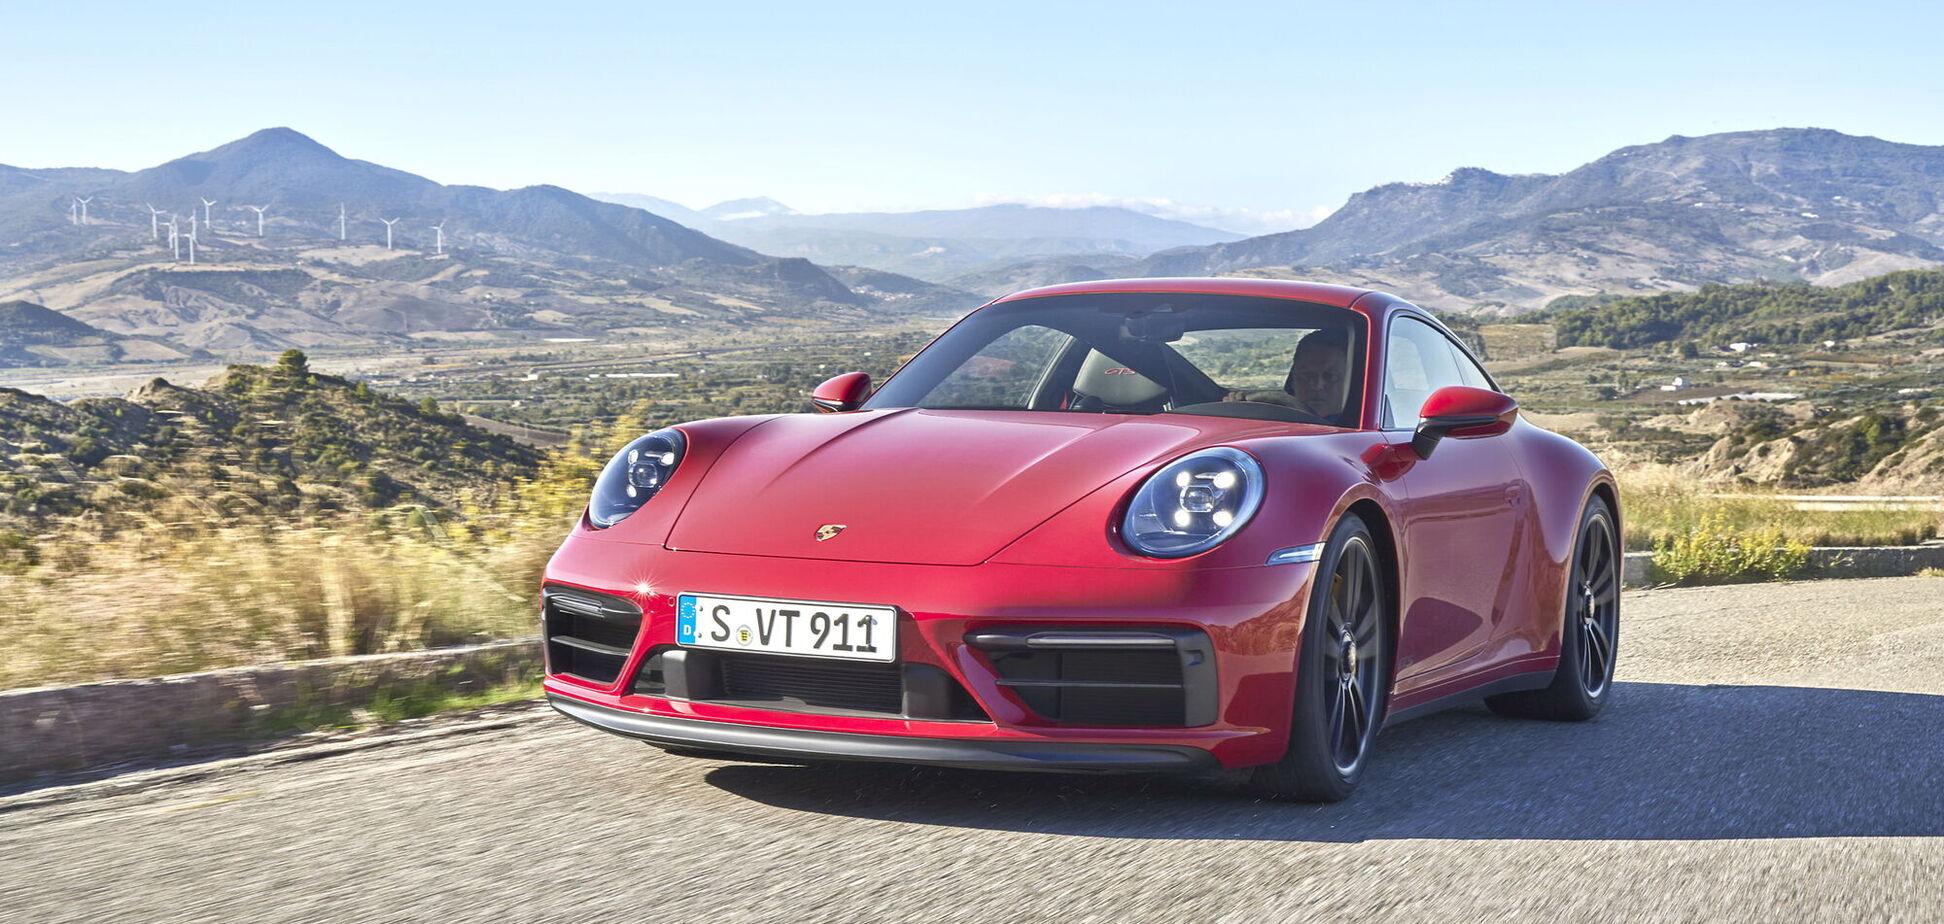 Легендарный Porsche 911 обзавелся новыми версиями GTS